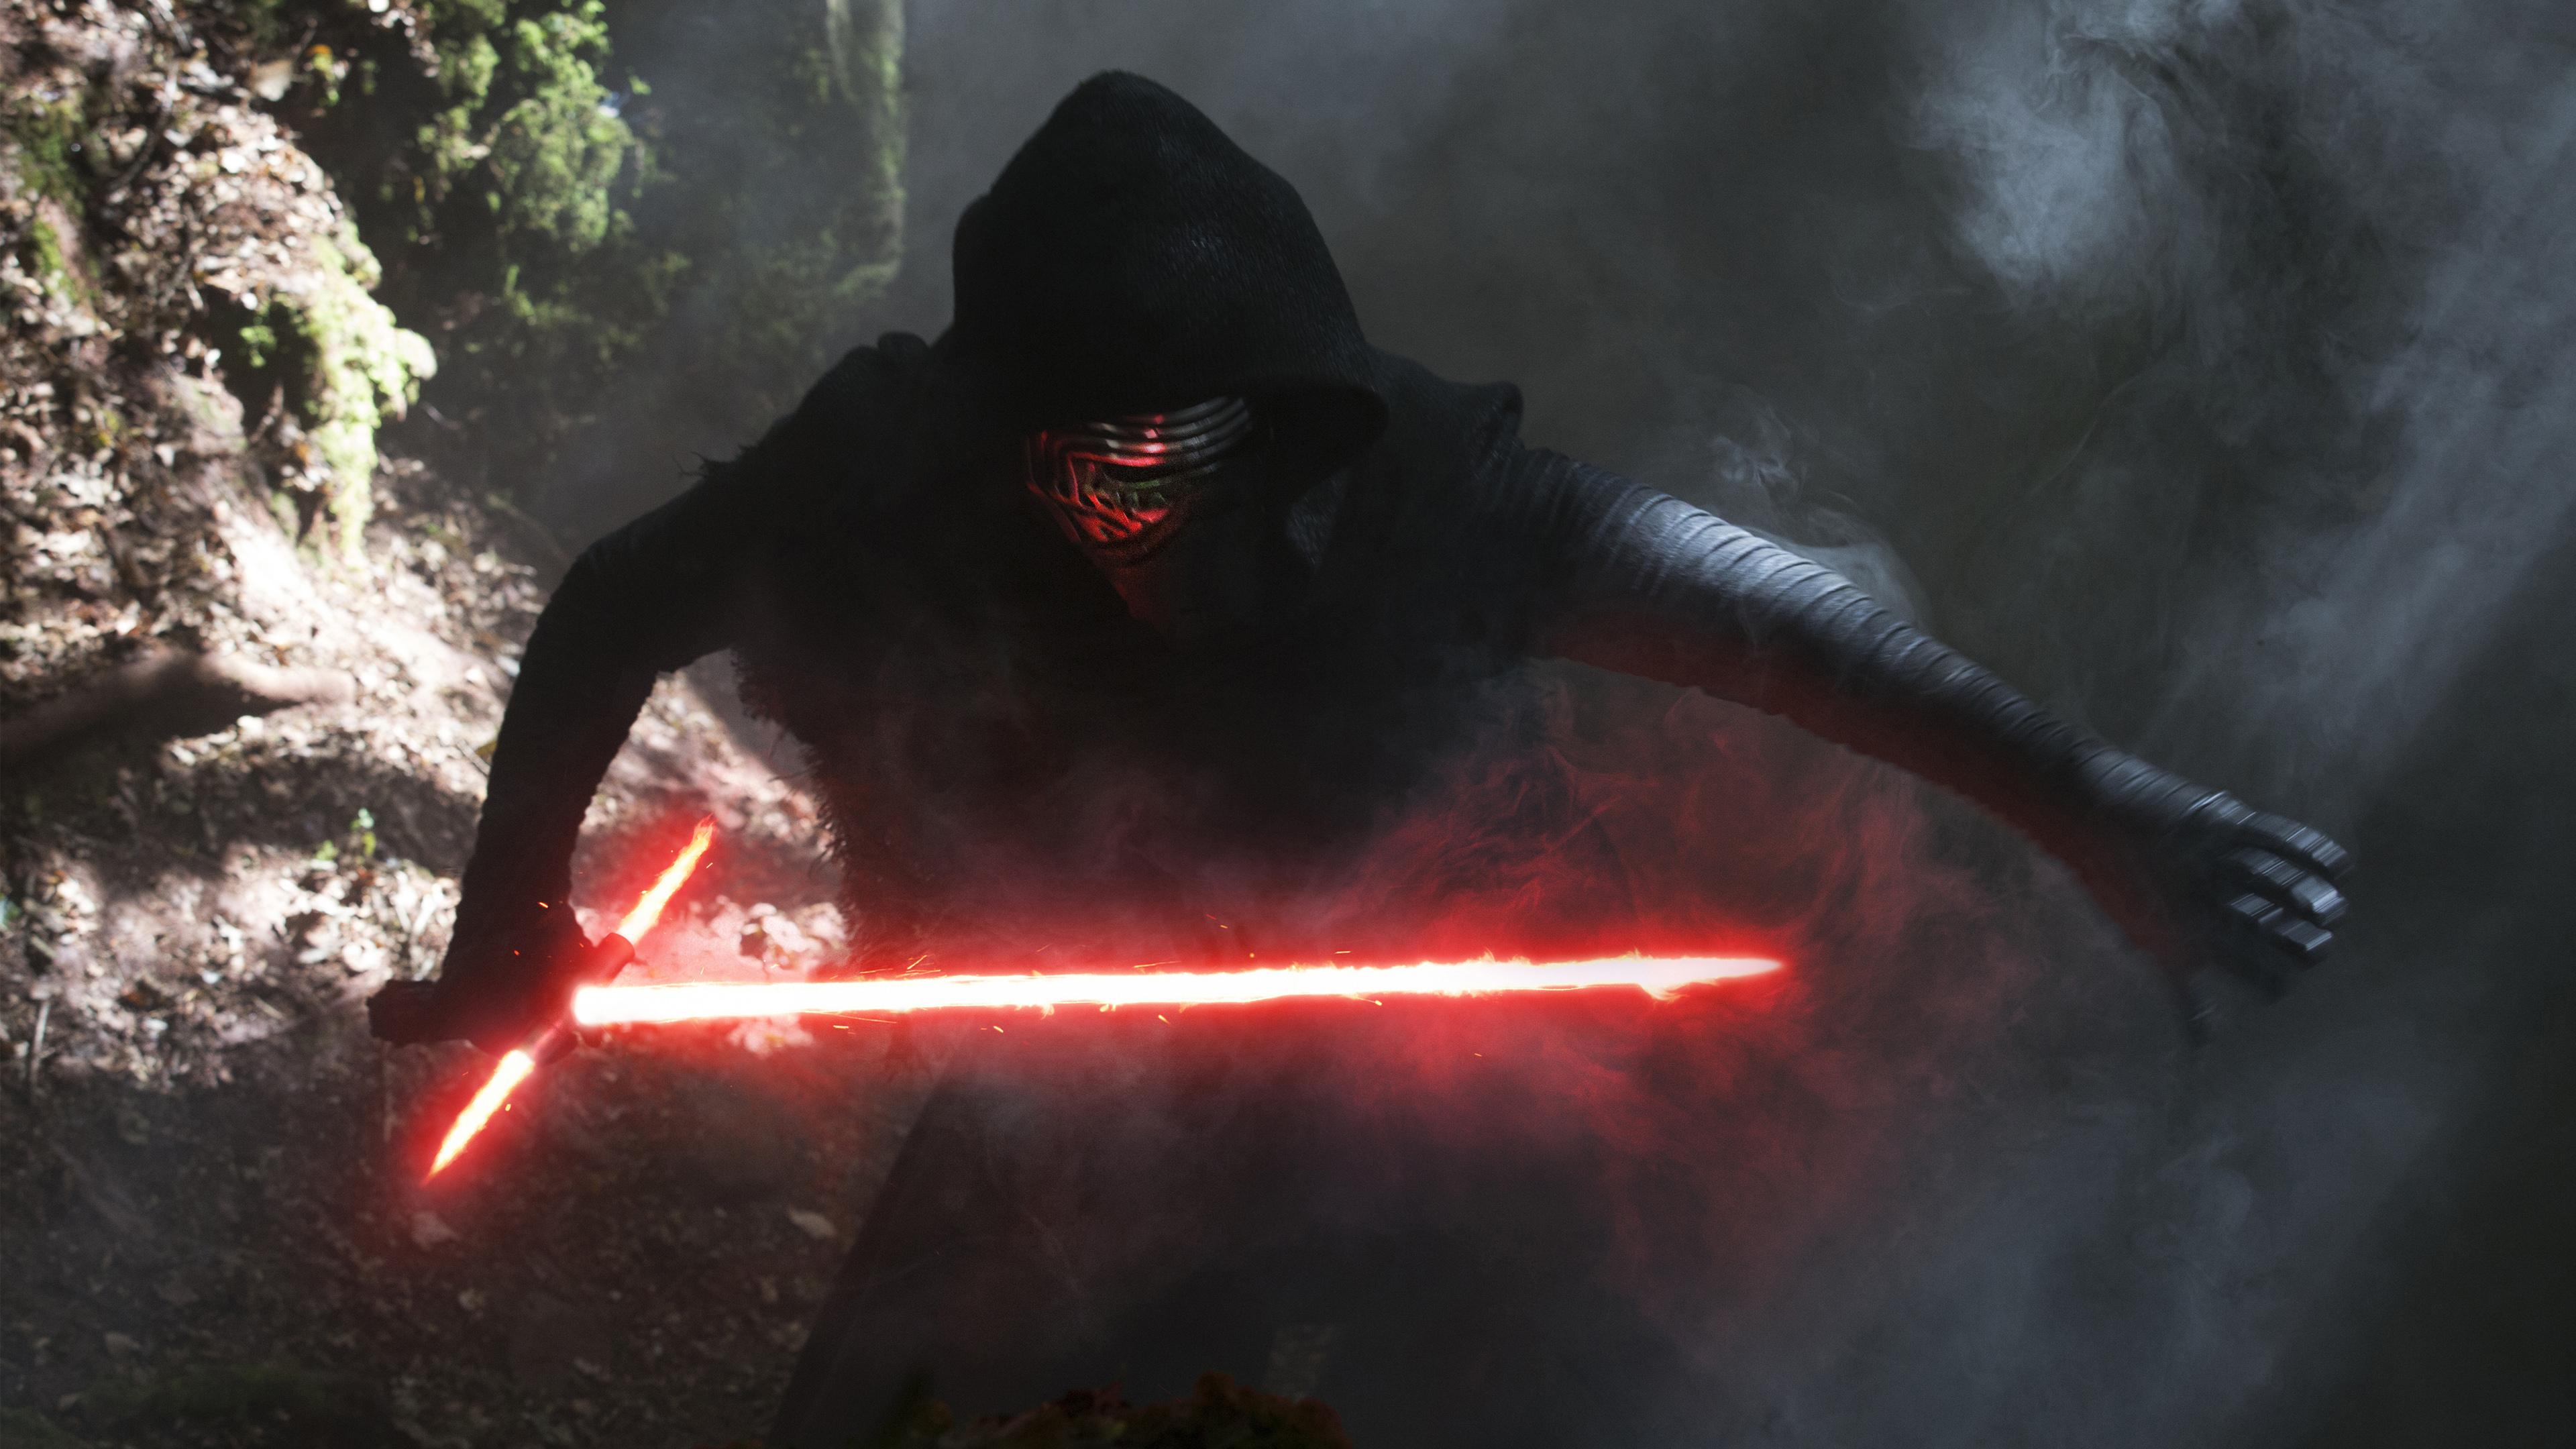 Кайло-kylo РЕН Звездные войны пробуждение силы обои скачать